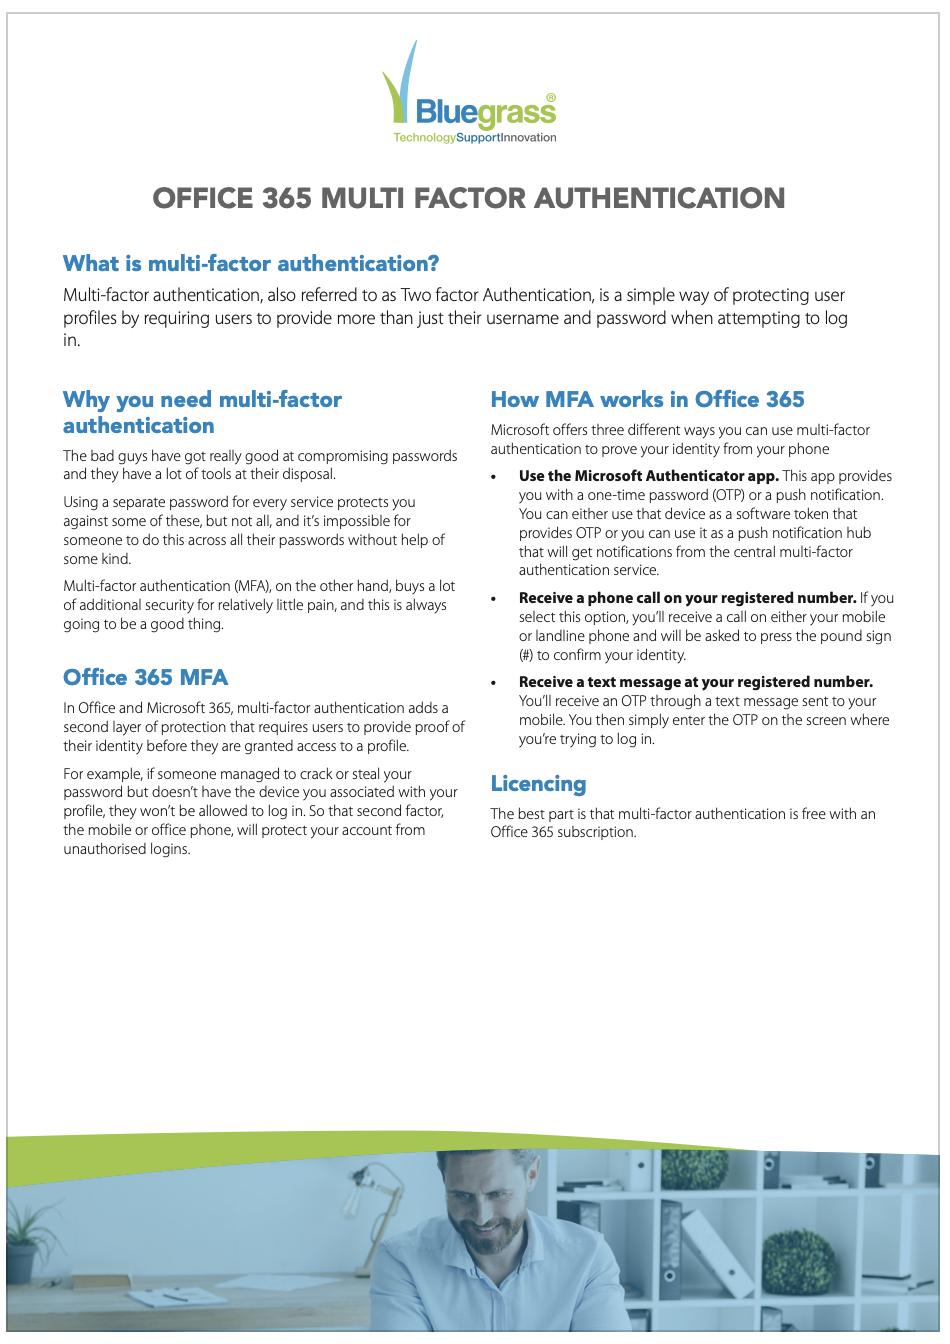 Office 365 MFA